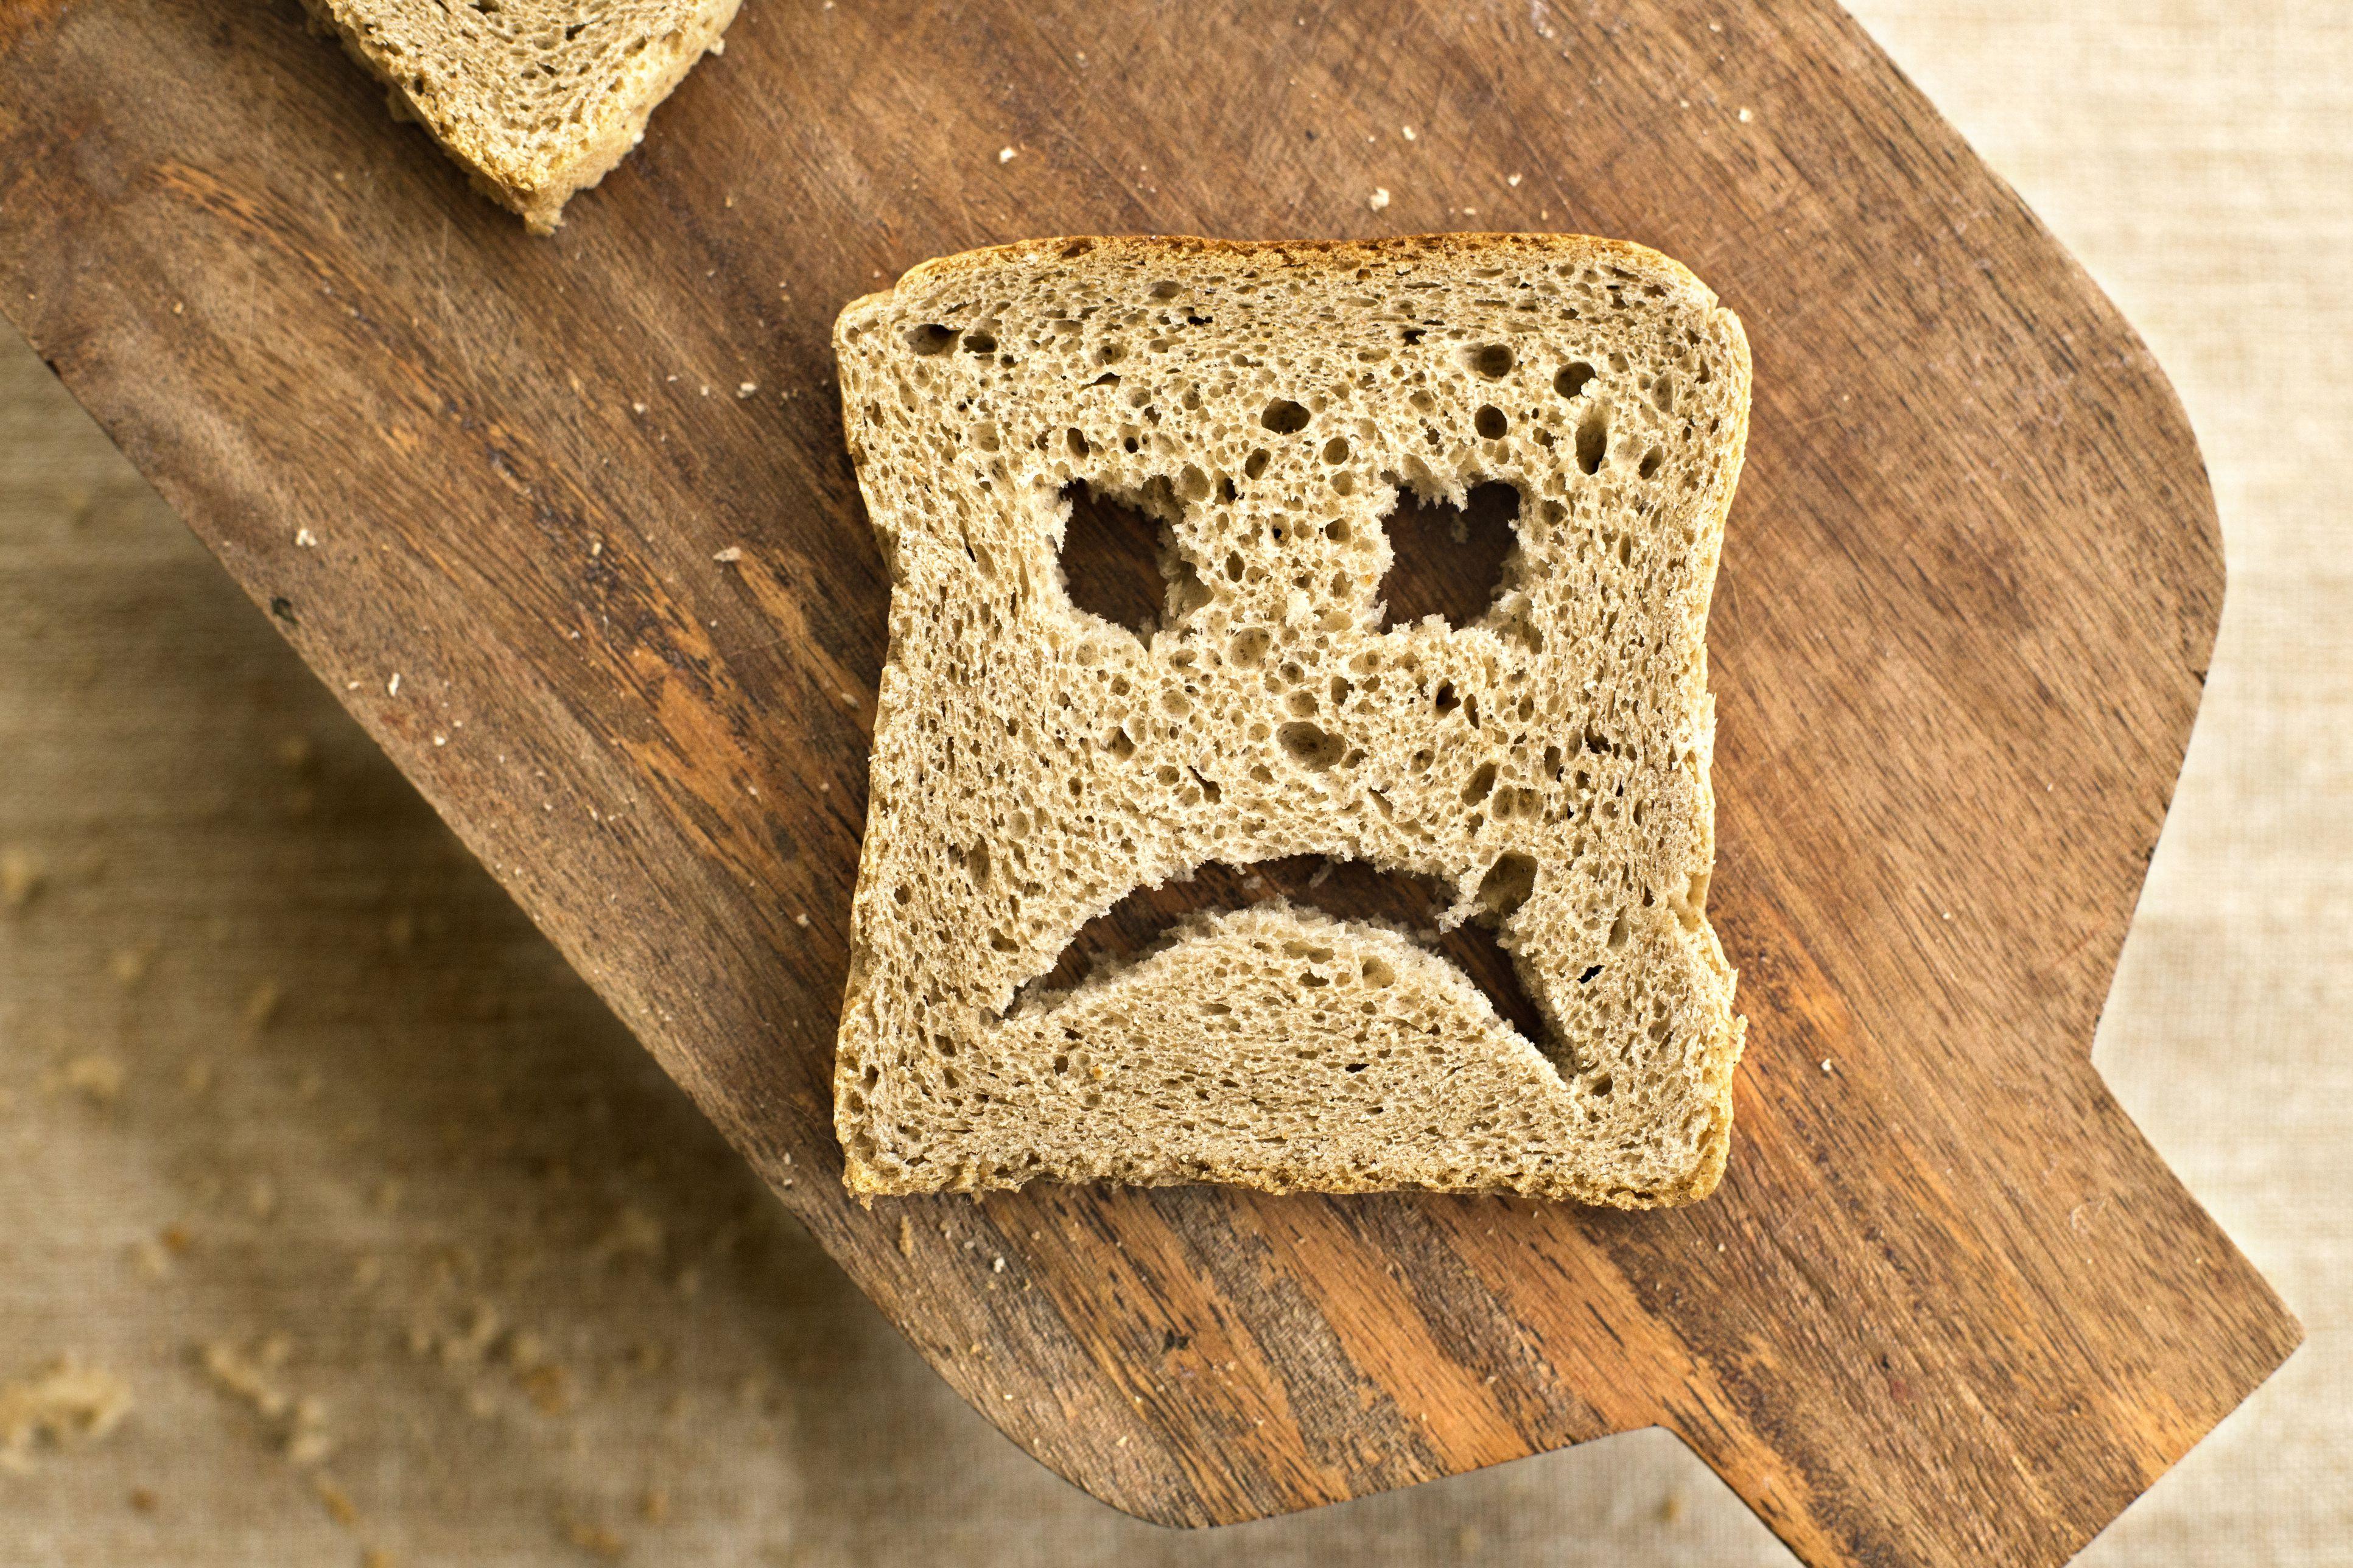 Я больше не выбрасываю хлеб с плесенью. Обжигаю его на плите, заворачиваю в фольгу и убираю в холодильник.